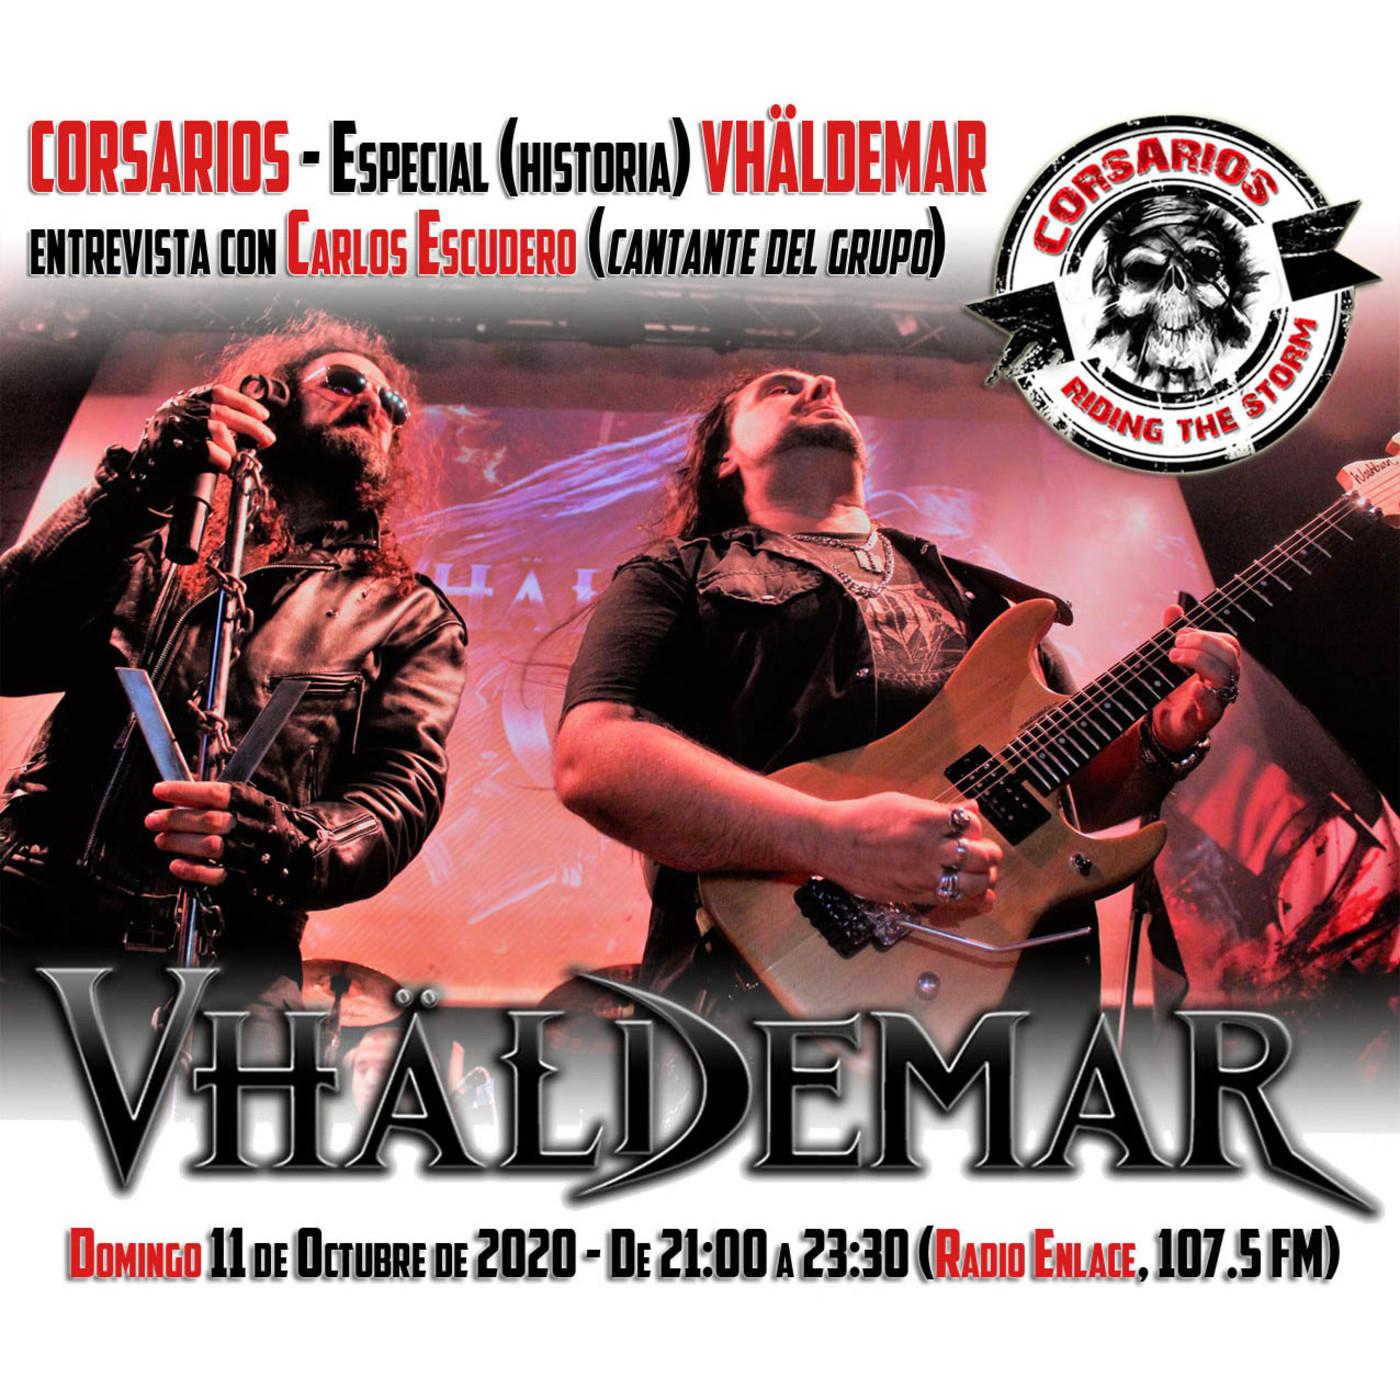 Corsarios - Especial VHÄLDEMAR - Domingo 11 de octubre de 2020